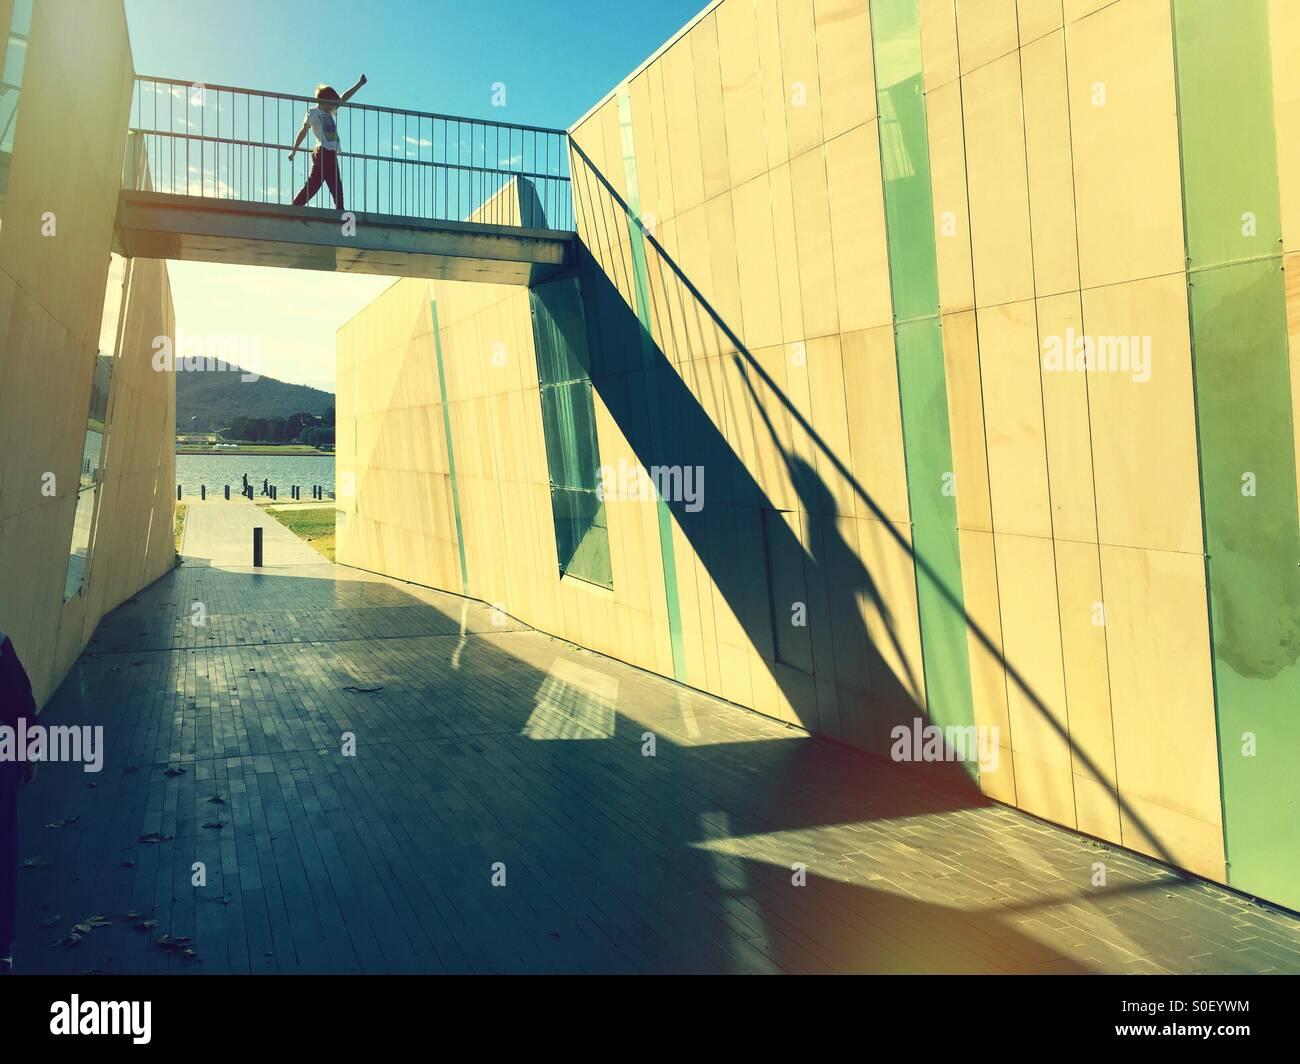 A boy striding across a bridge over an underpass Stock Foto